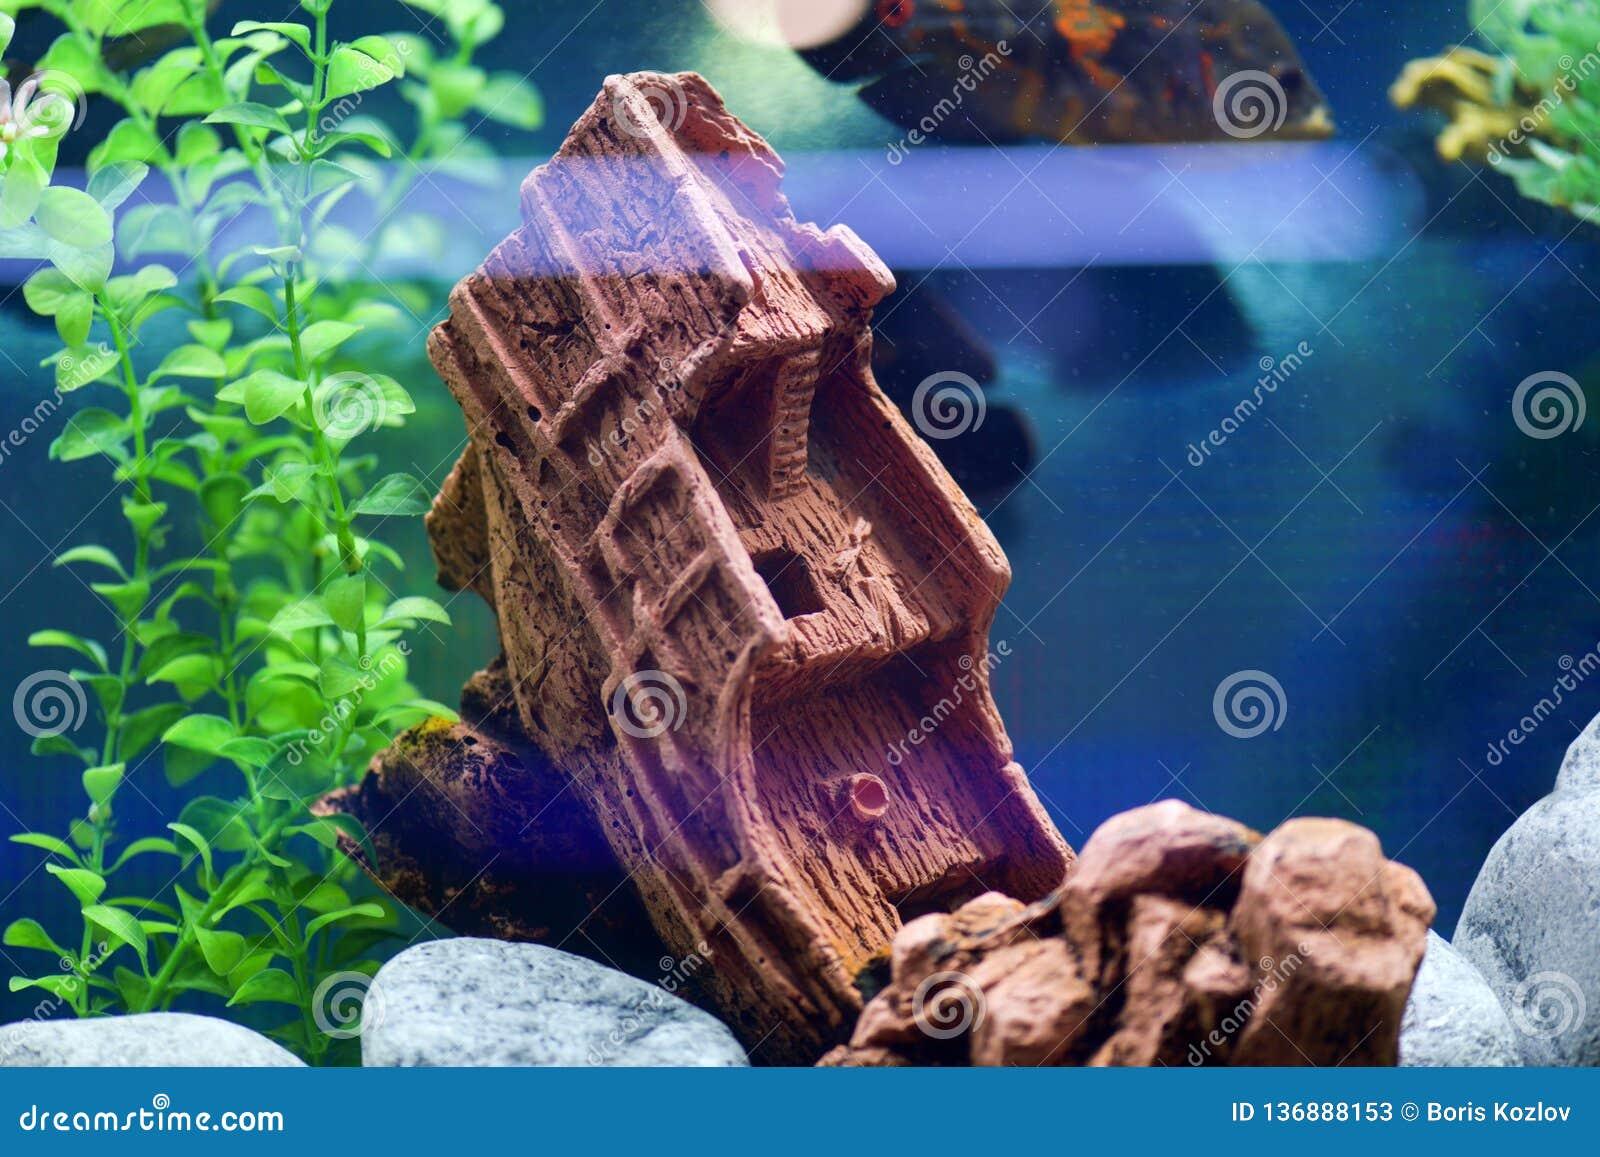 Красивый и творческий дизайн аквариум-утонутого корабля на голубой предпосылке